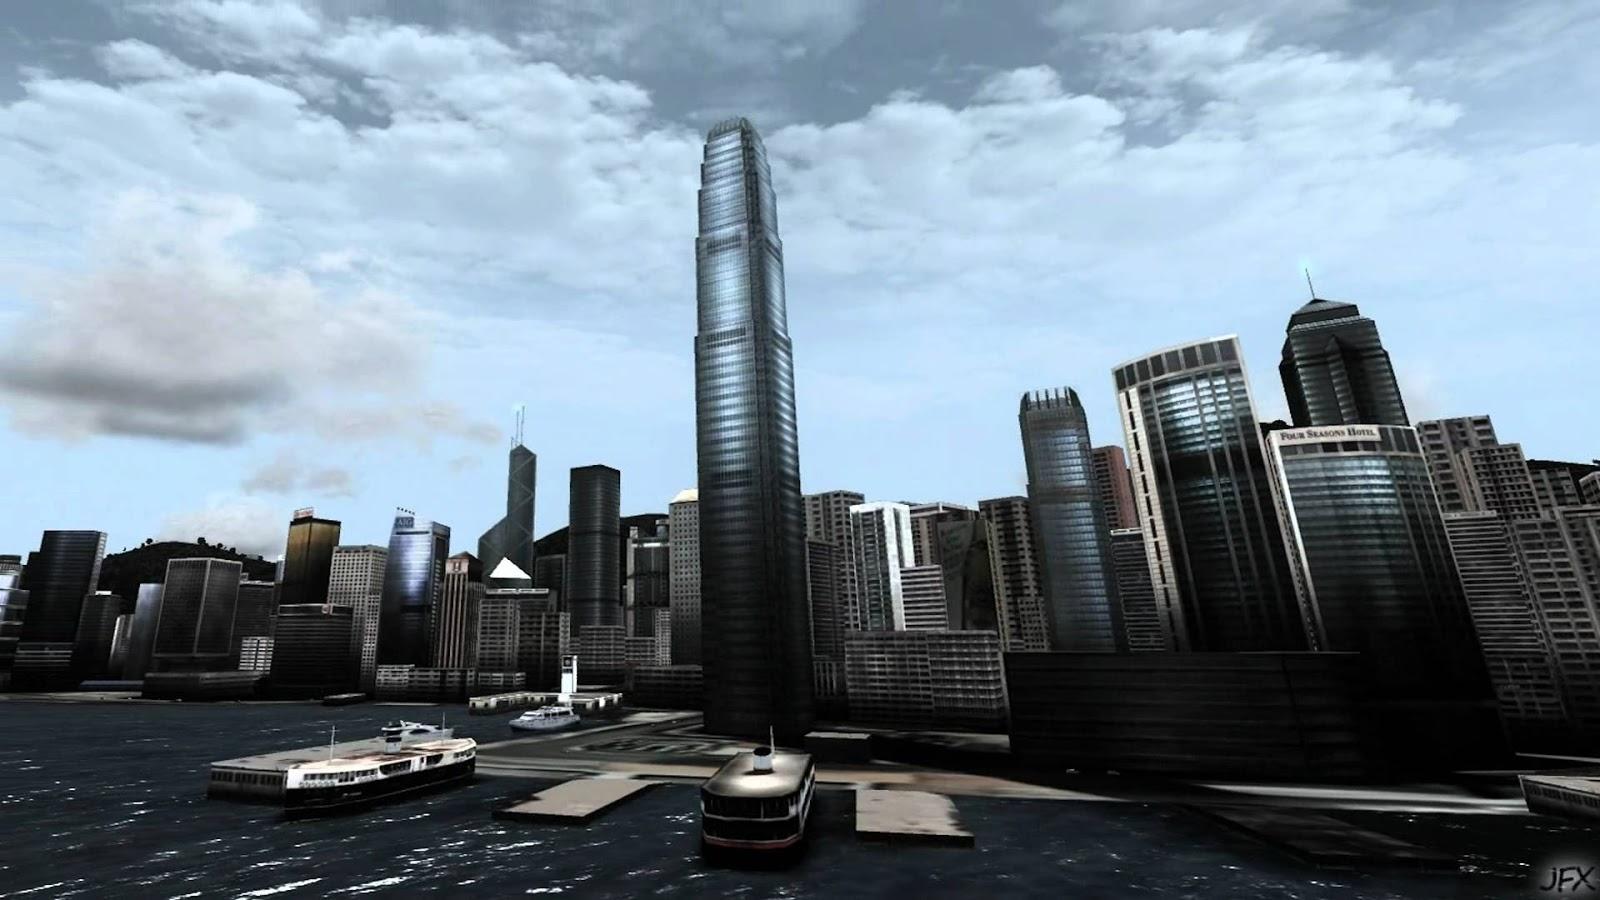 For Love Of Sim: FLYTAMPA HONG KONG OLD